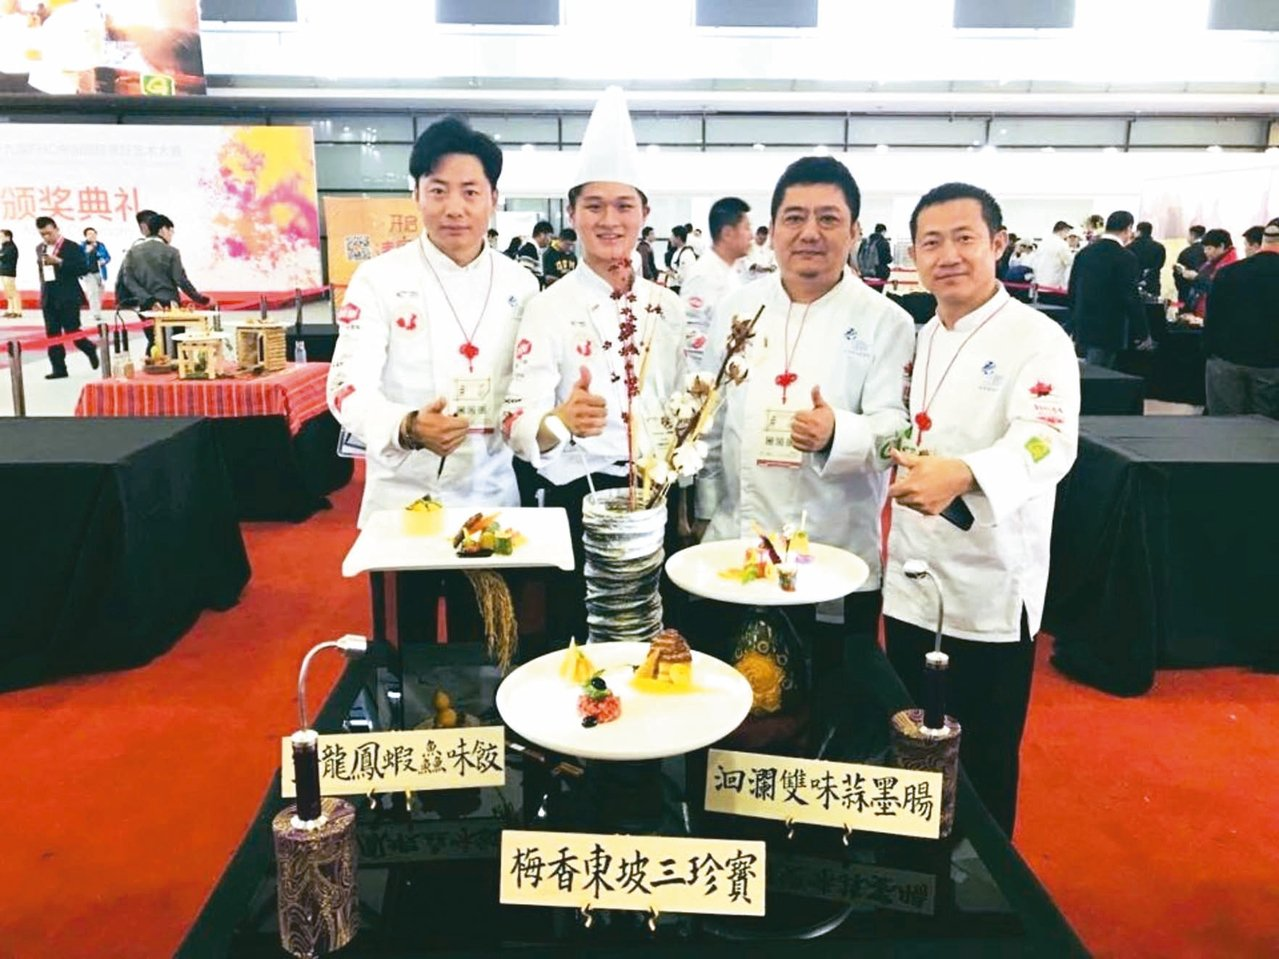 花蓮四維高中校友方昱翔(左2)首次出國比賽,就獲得國際廚藝競賽金牌獎。 圖/四維...